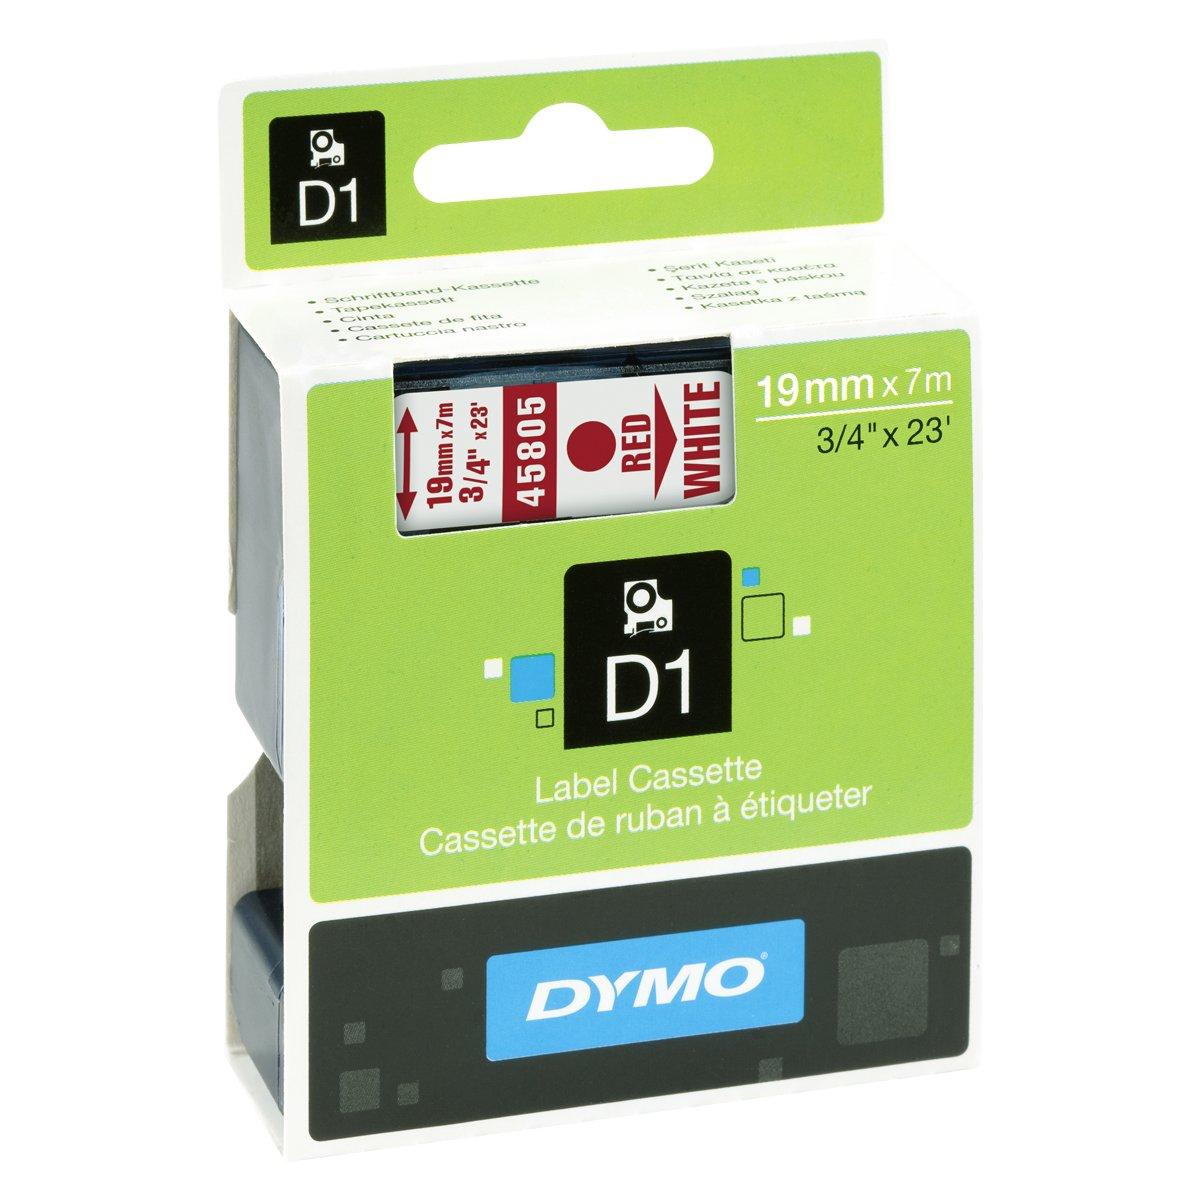 Dymo D1 etichette autoadesive per stampanti LabelManager, rotolo da 9 mm x 7 m, stampa nera su verde, S0720740 Newell Rubbermaid 320289 Etichettatrici Nastriperetichettatrici